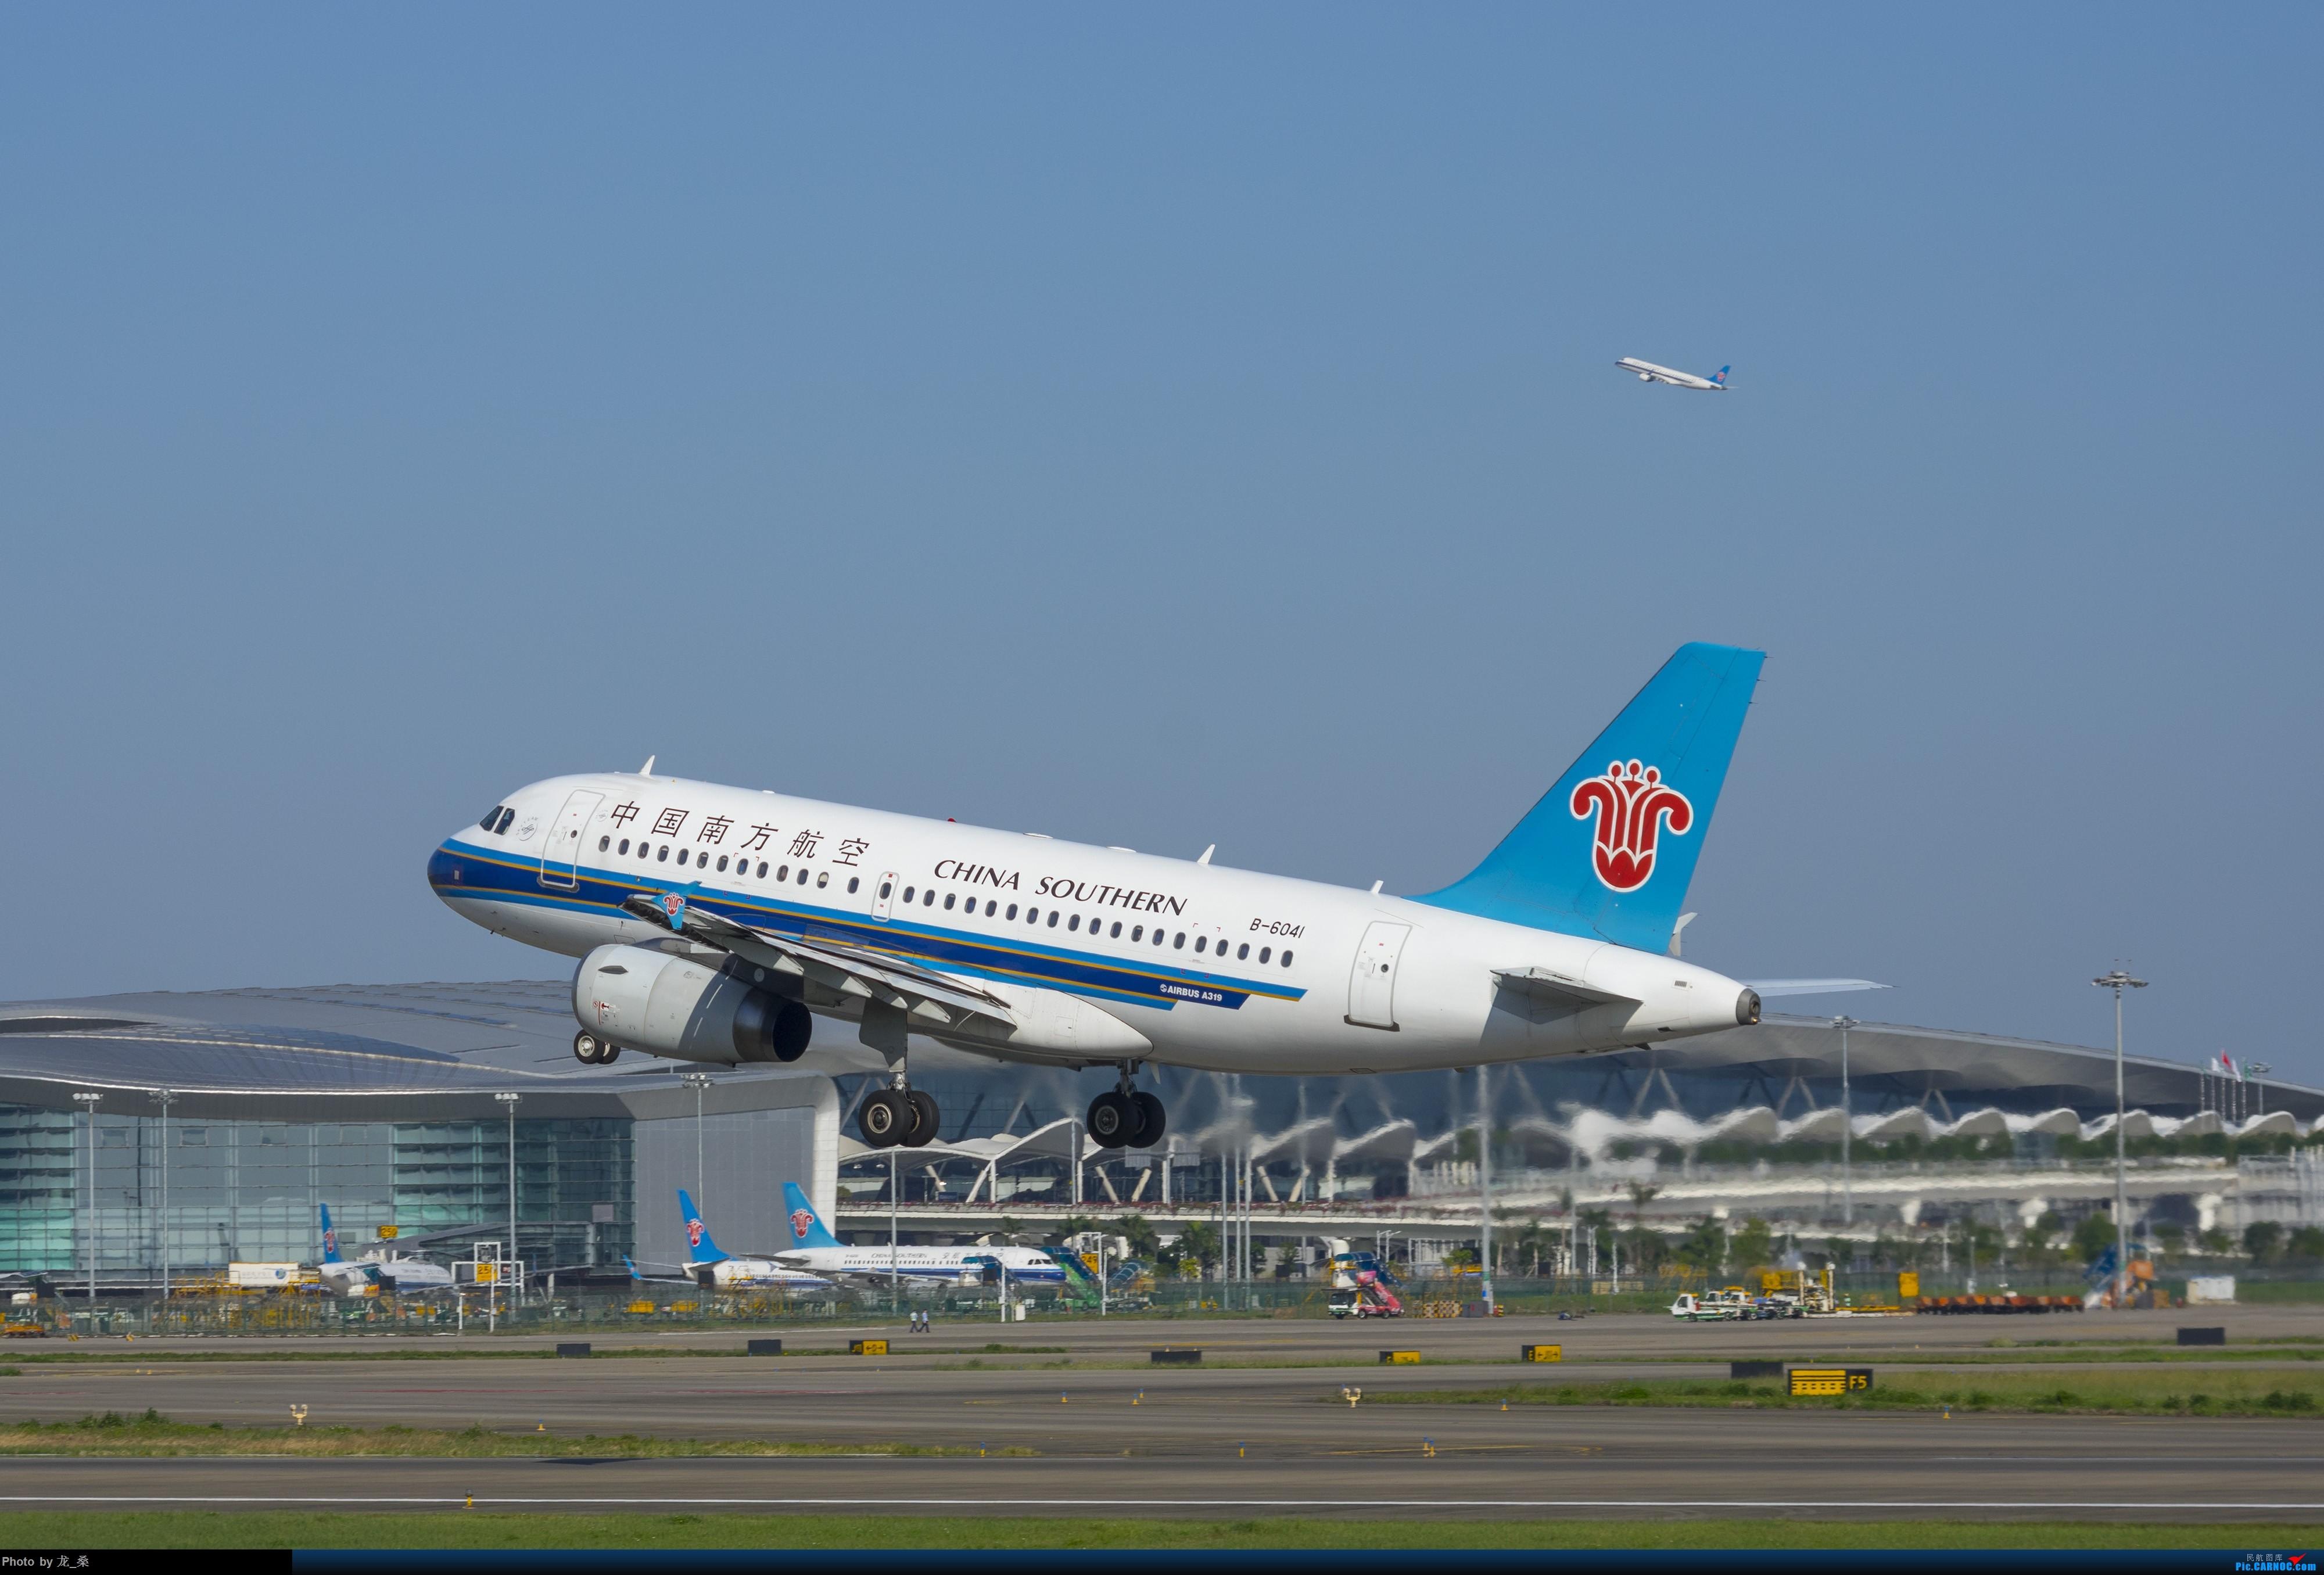 Re:[原创]发一组CAN的旧图,我可能是论坛唯一宾得党了吧 AIRBUS A319-100 B-6041 中国广州白云国际机场